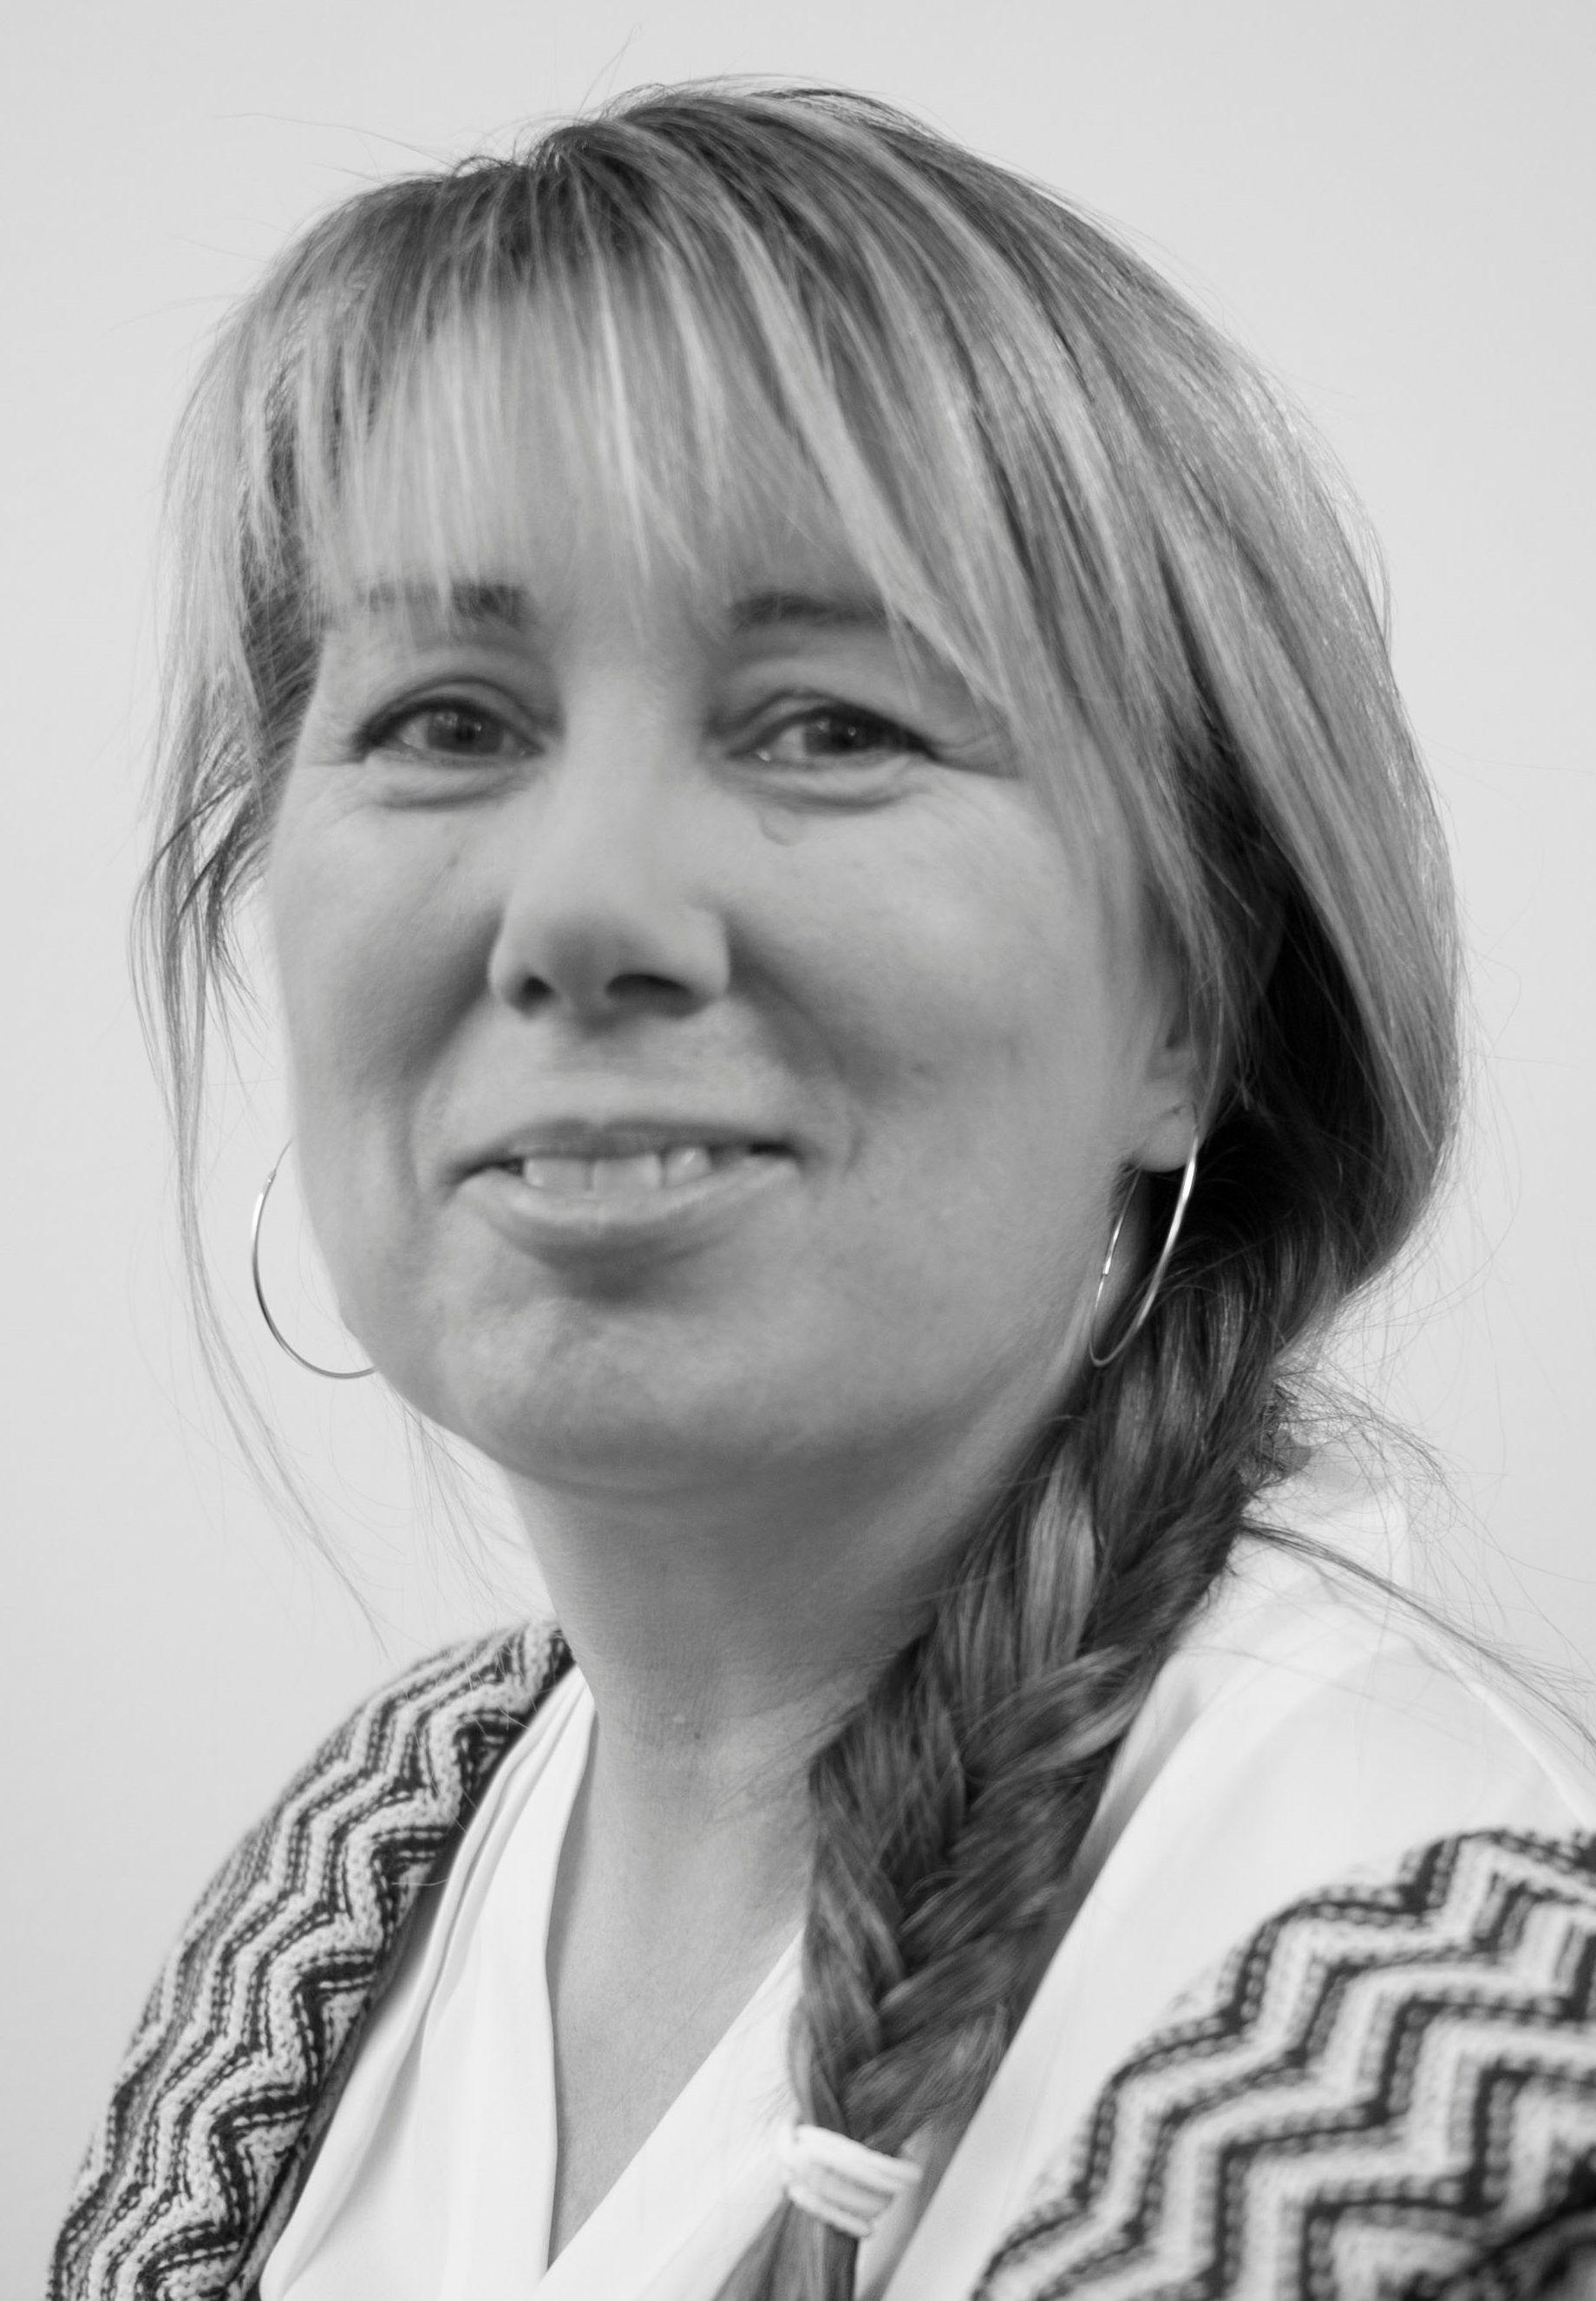 Portrettbilde av prosjektleder Gunn-Elin Åsgren